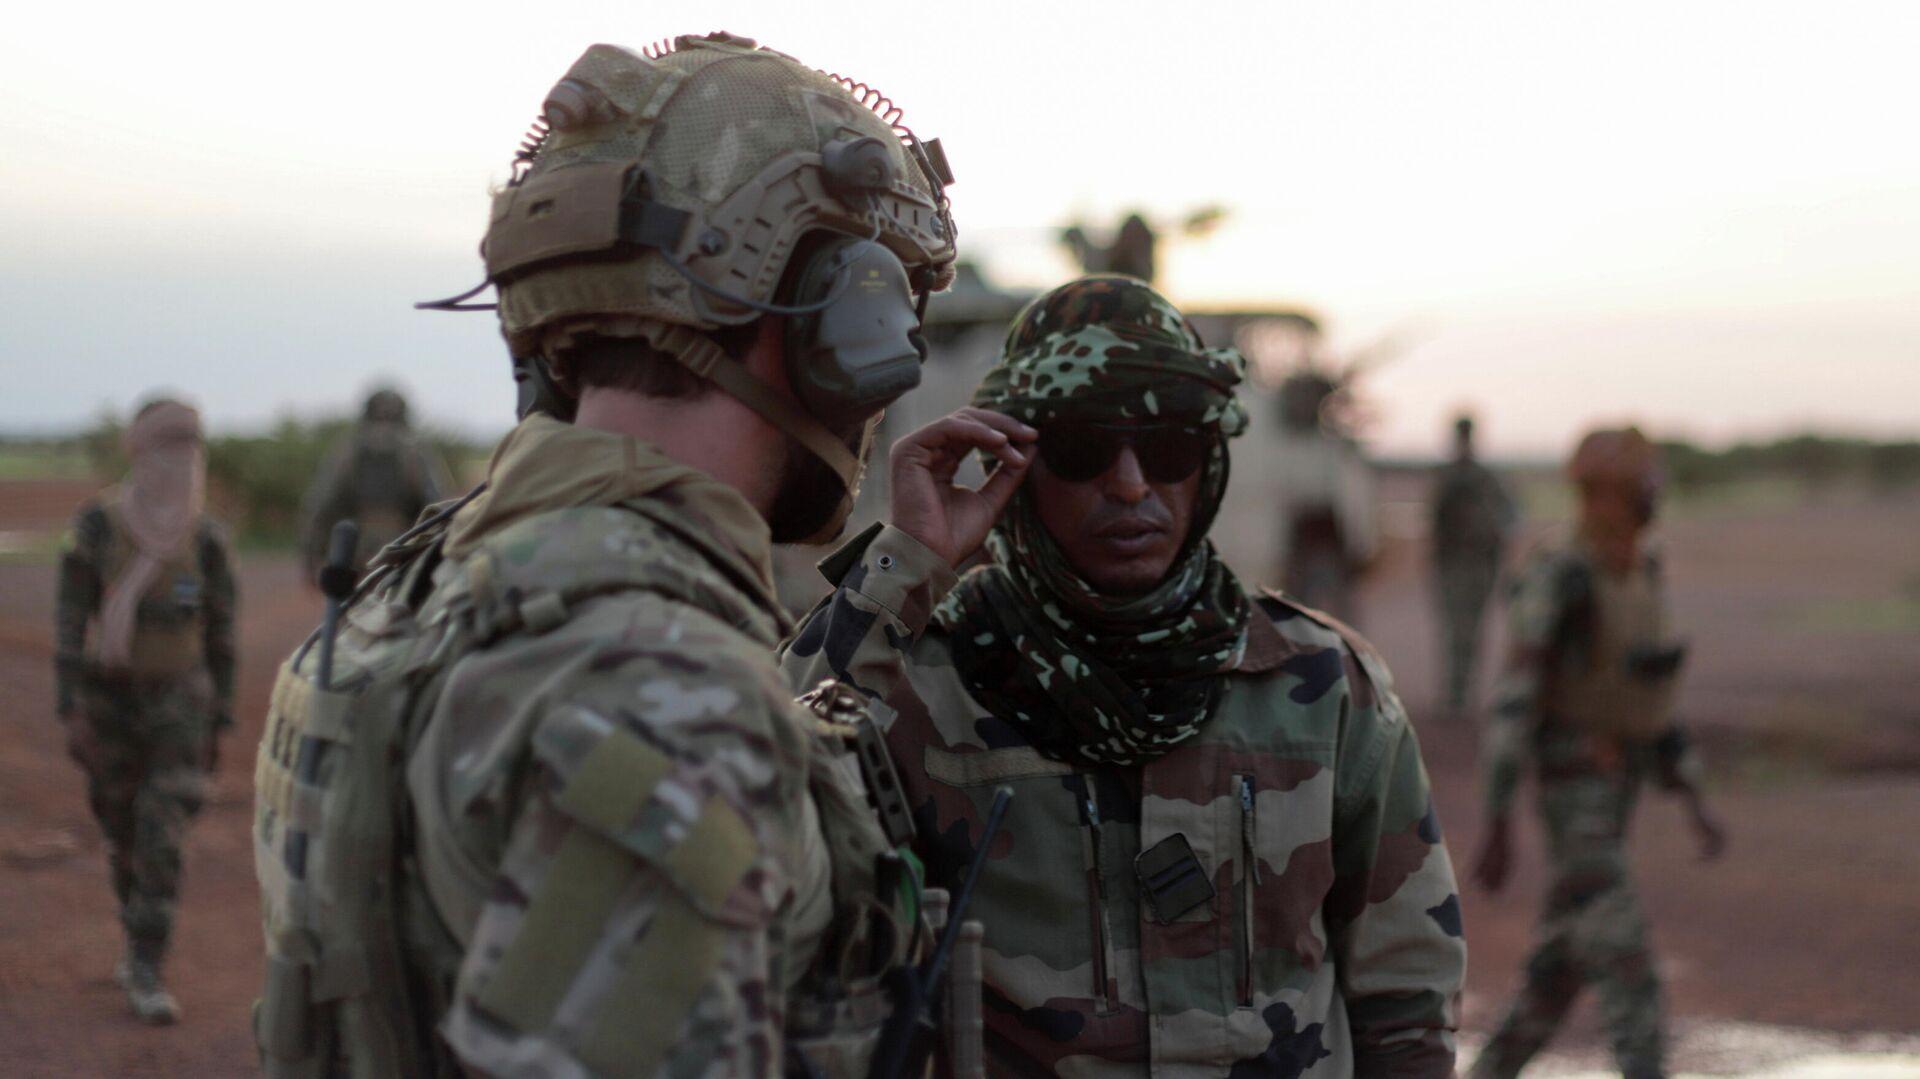 Un oficial de la Fuerza especial Takuba habla con un soldado de Malí durante una patrulla cerca de la frontera con Níger en Dansongo Circle, Mali - Sputnik Mundo, 1920, 06.10.2021